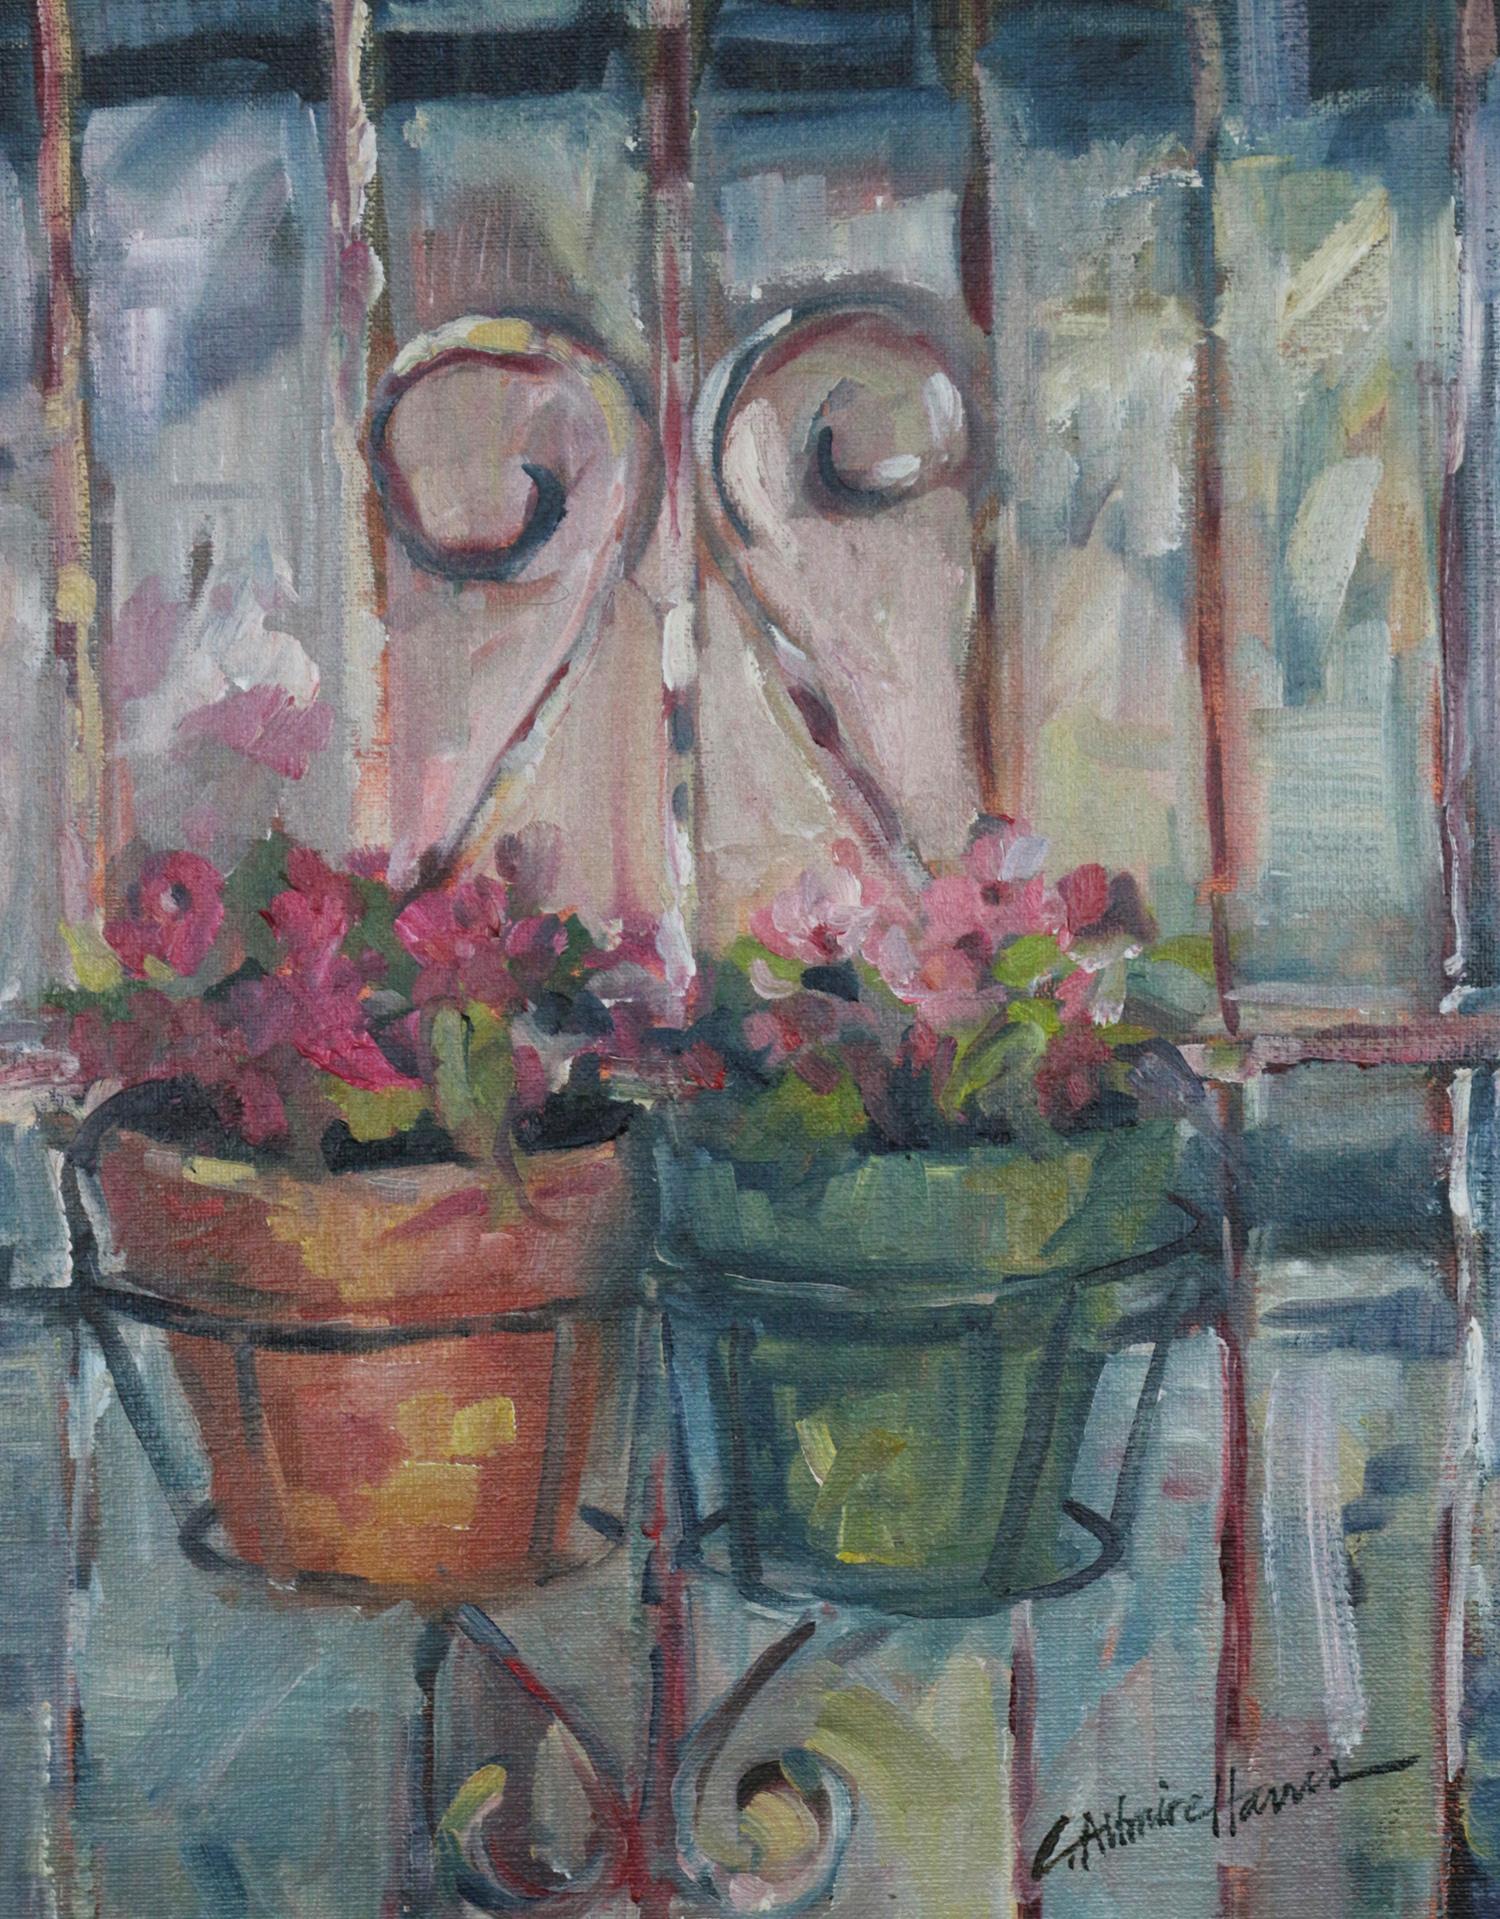 Flower Pots in Spain*